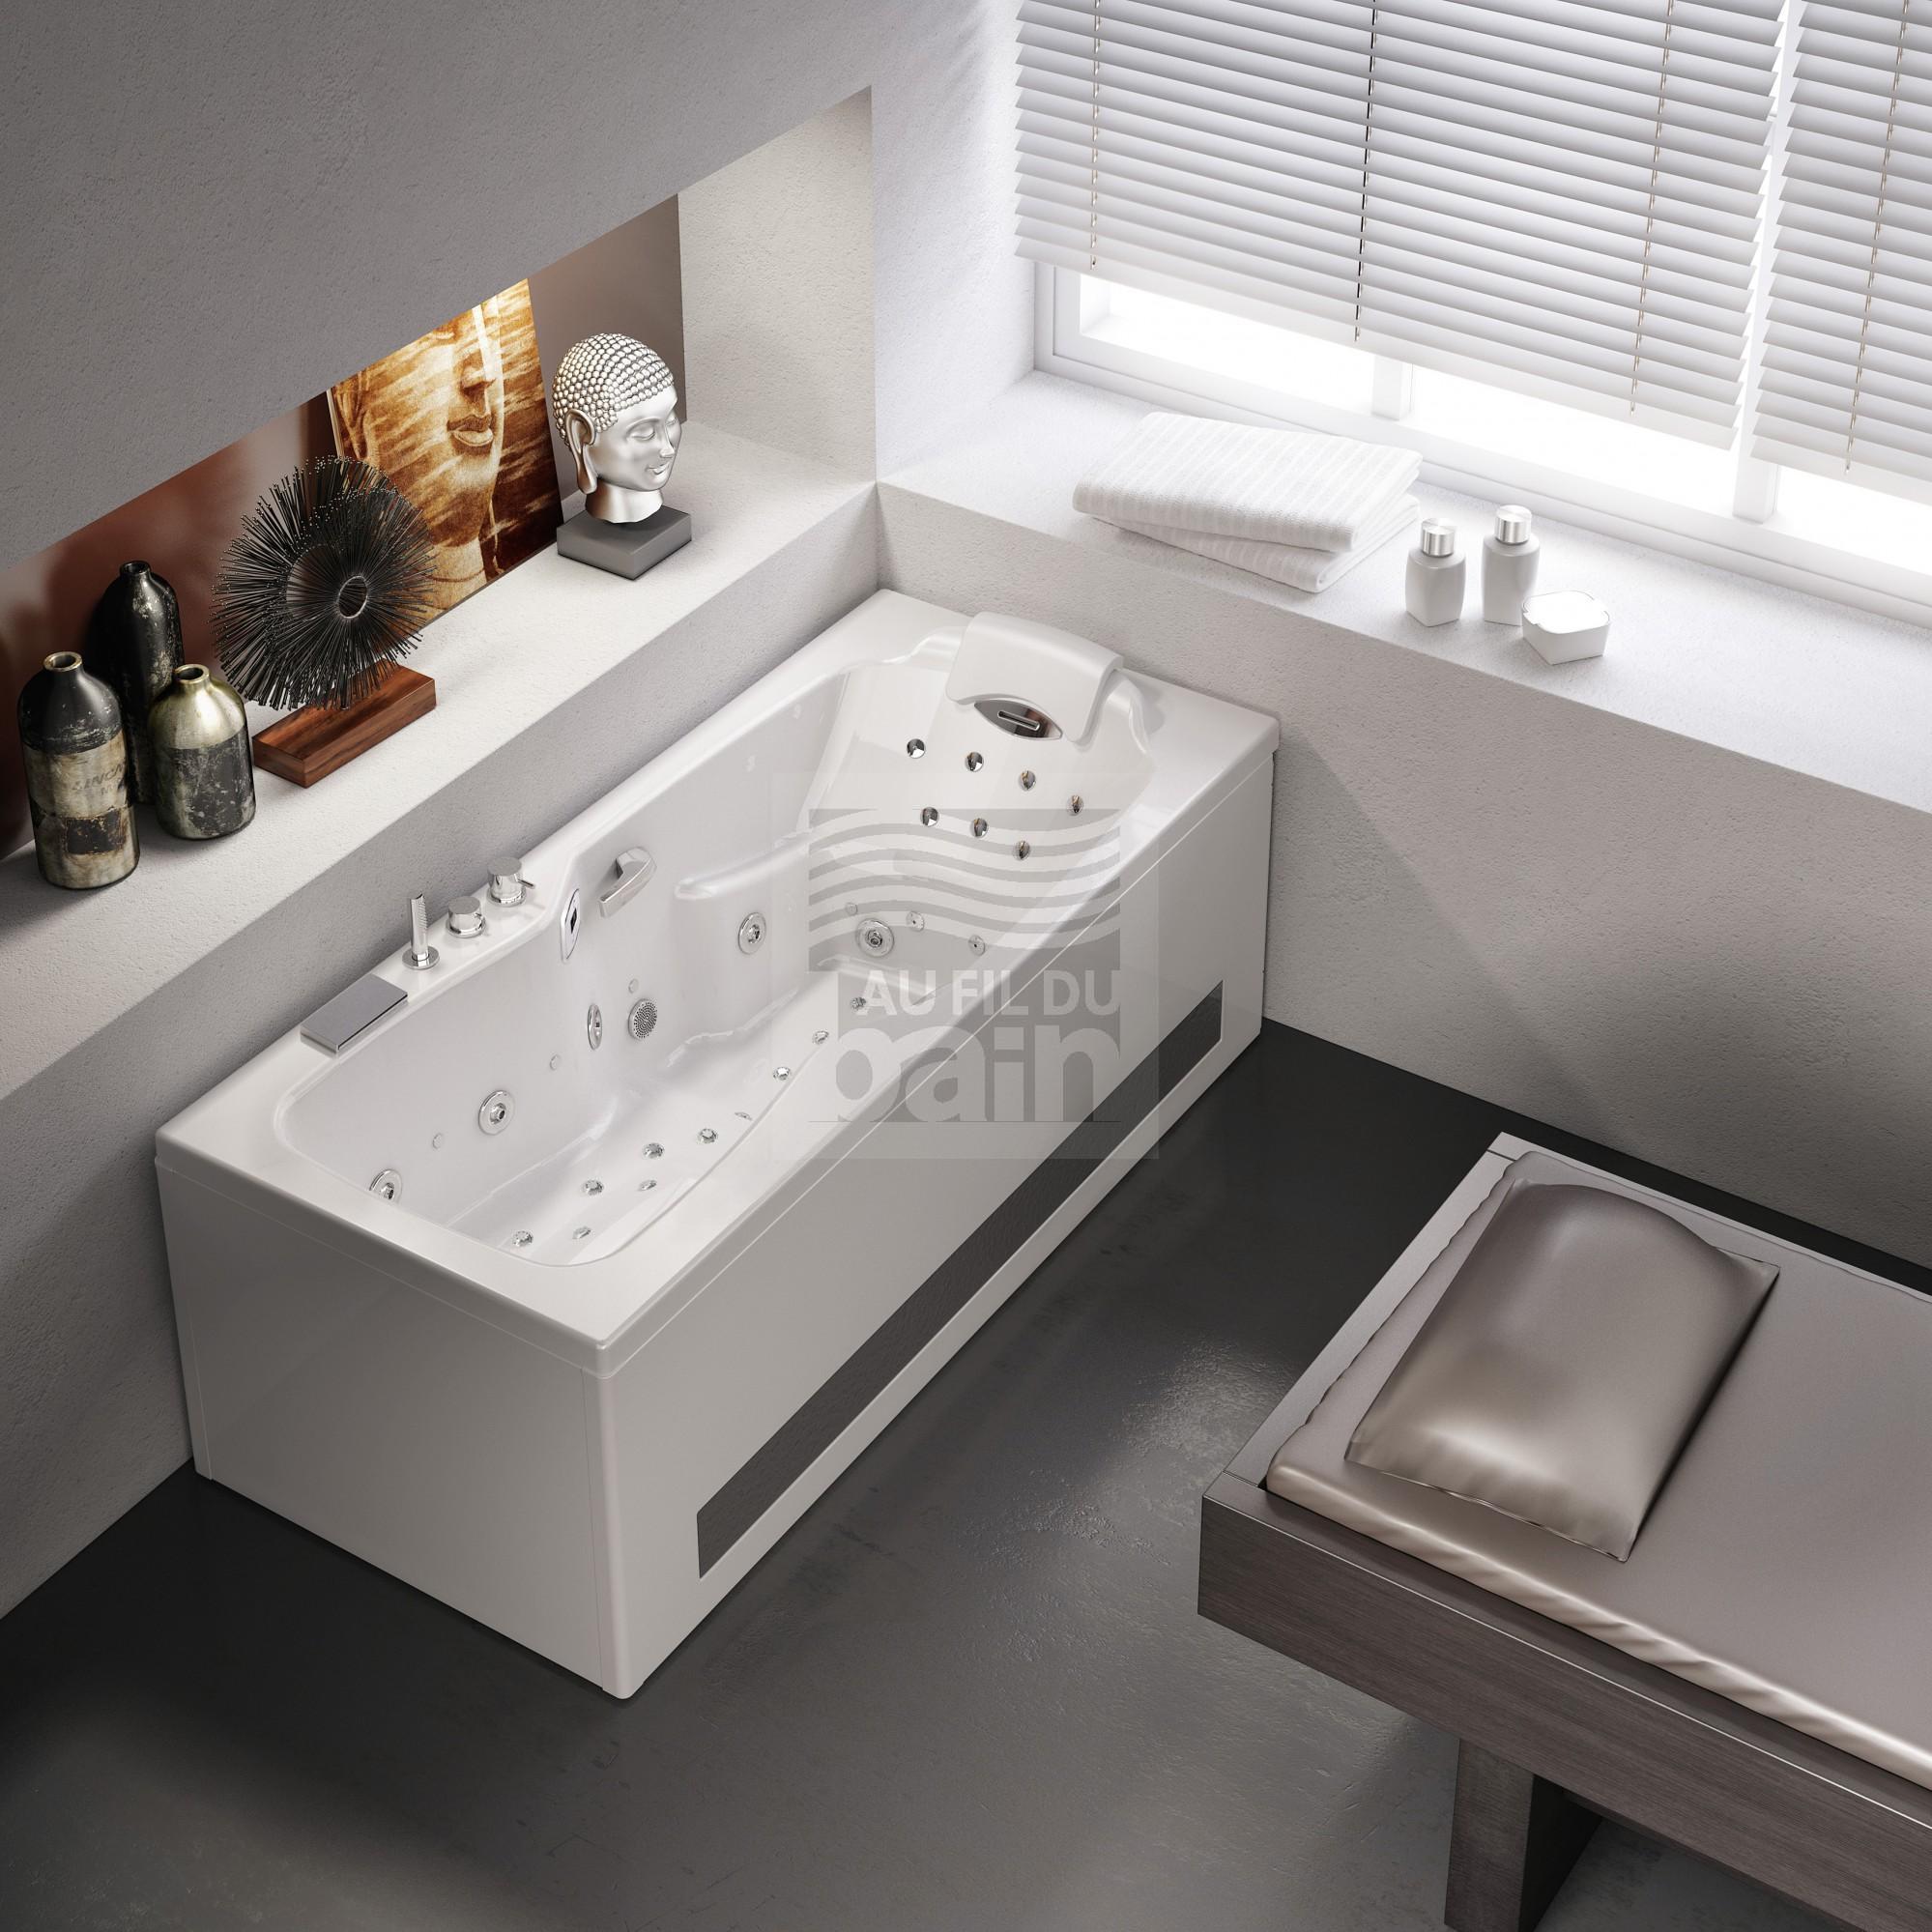 Baignoires a balneotherapie magasin pour vente de meubles de salle de bains marseille tosolini - Baignoire balneotherapie ...